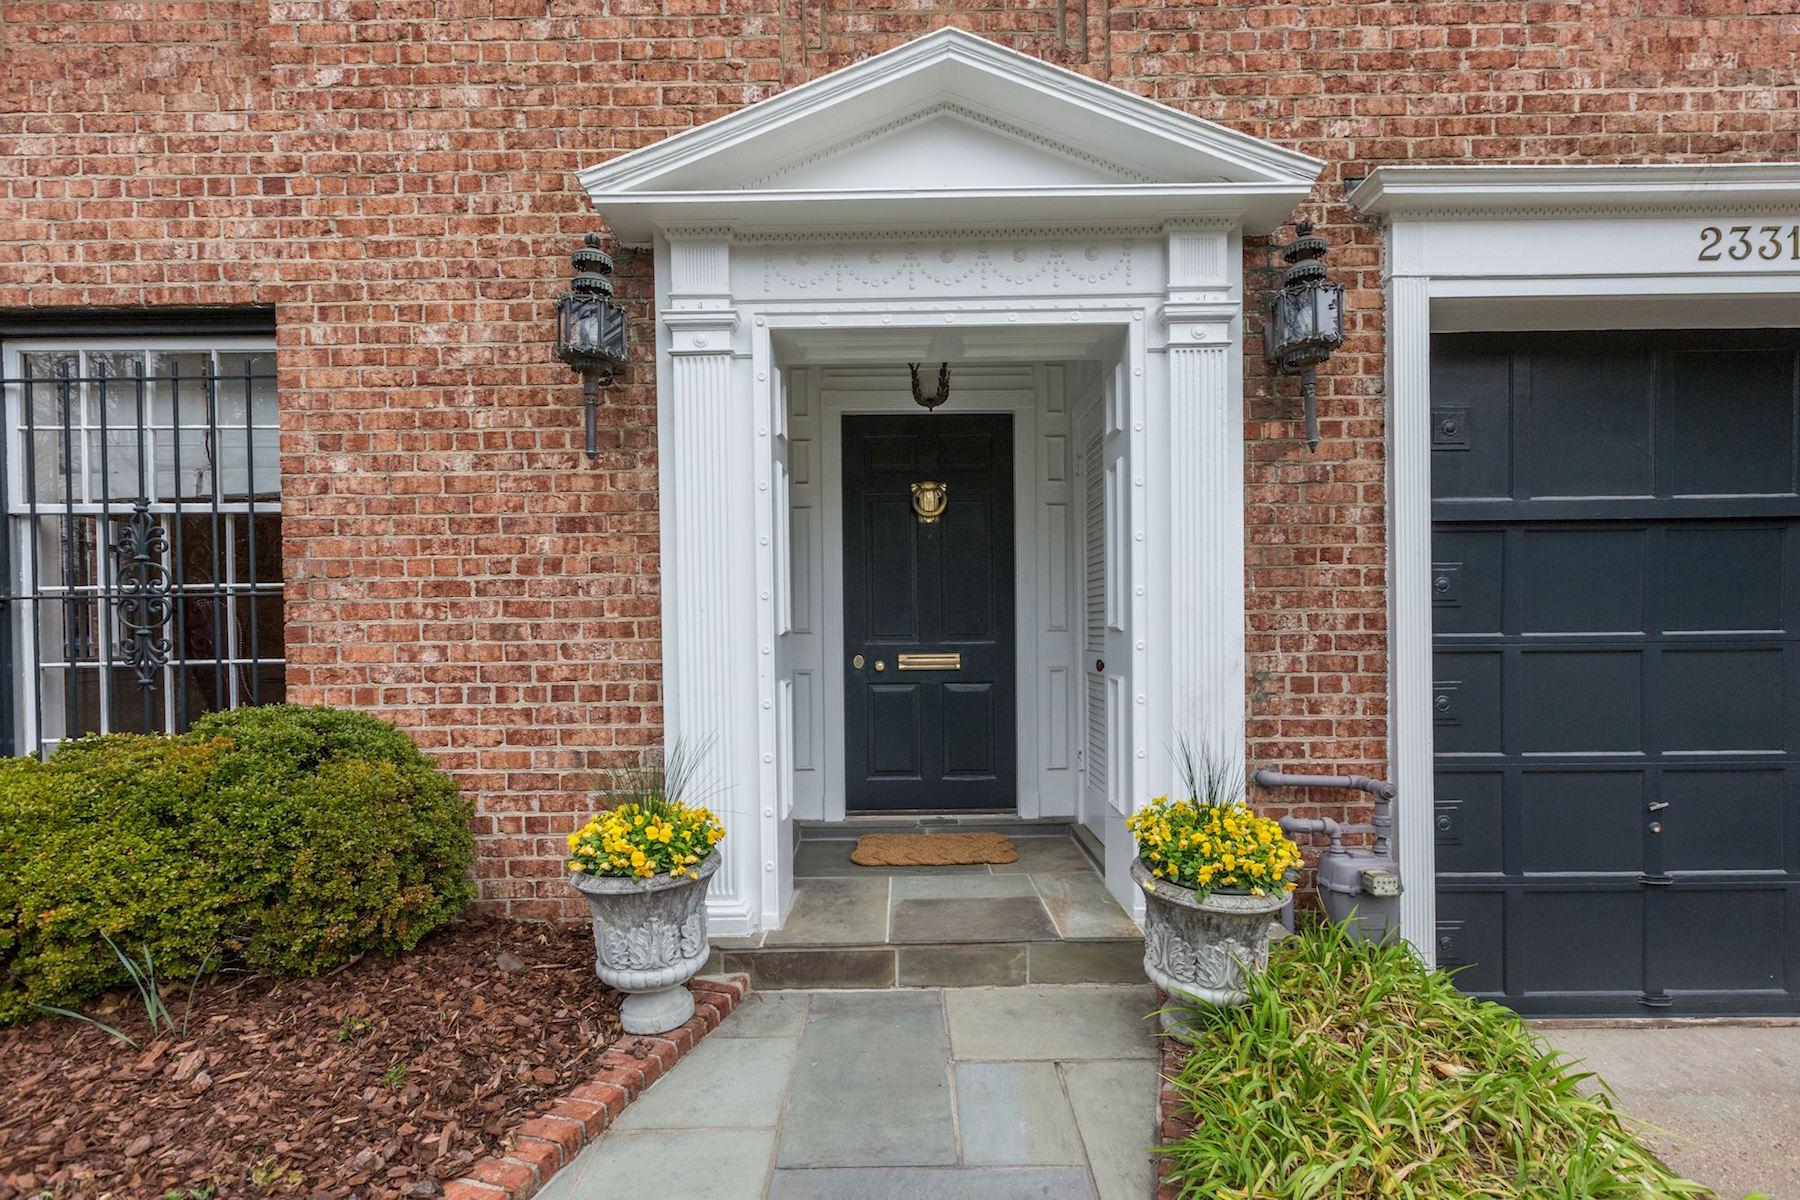 独户住宅 为 销售 在 Kalorama 2331 California Street Nw Kalorama, 华盛顿市, 哥伦比亚特区, 20008 美国